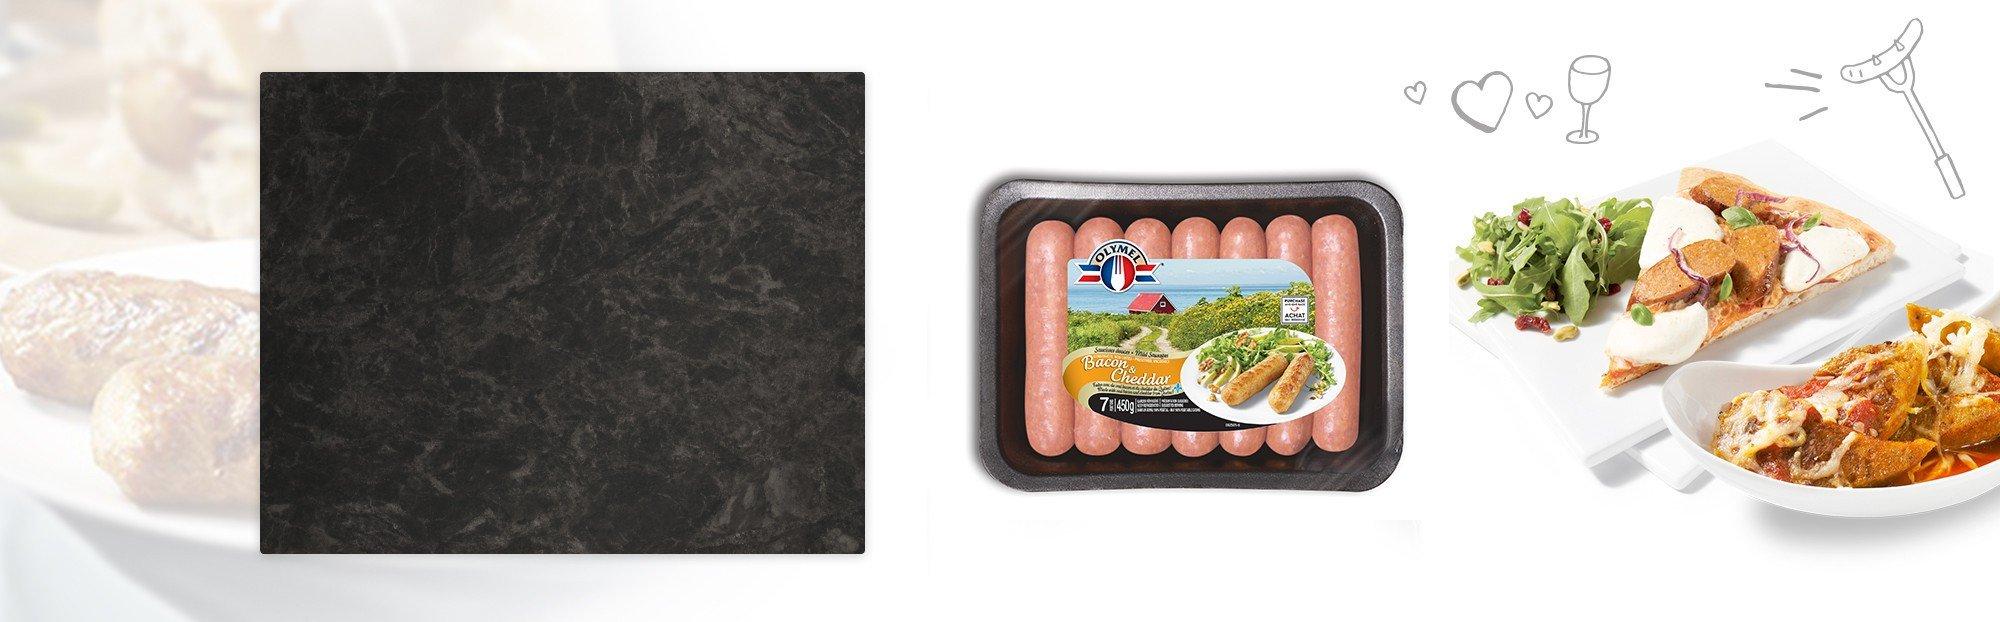 Saucisses Européennes Bacon & Cheddar